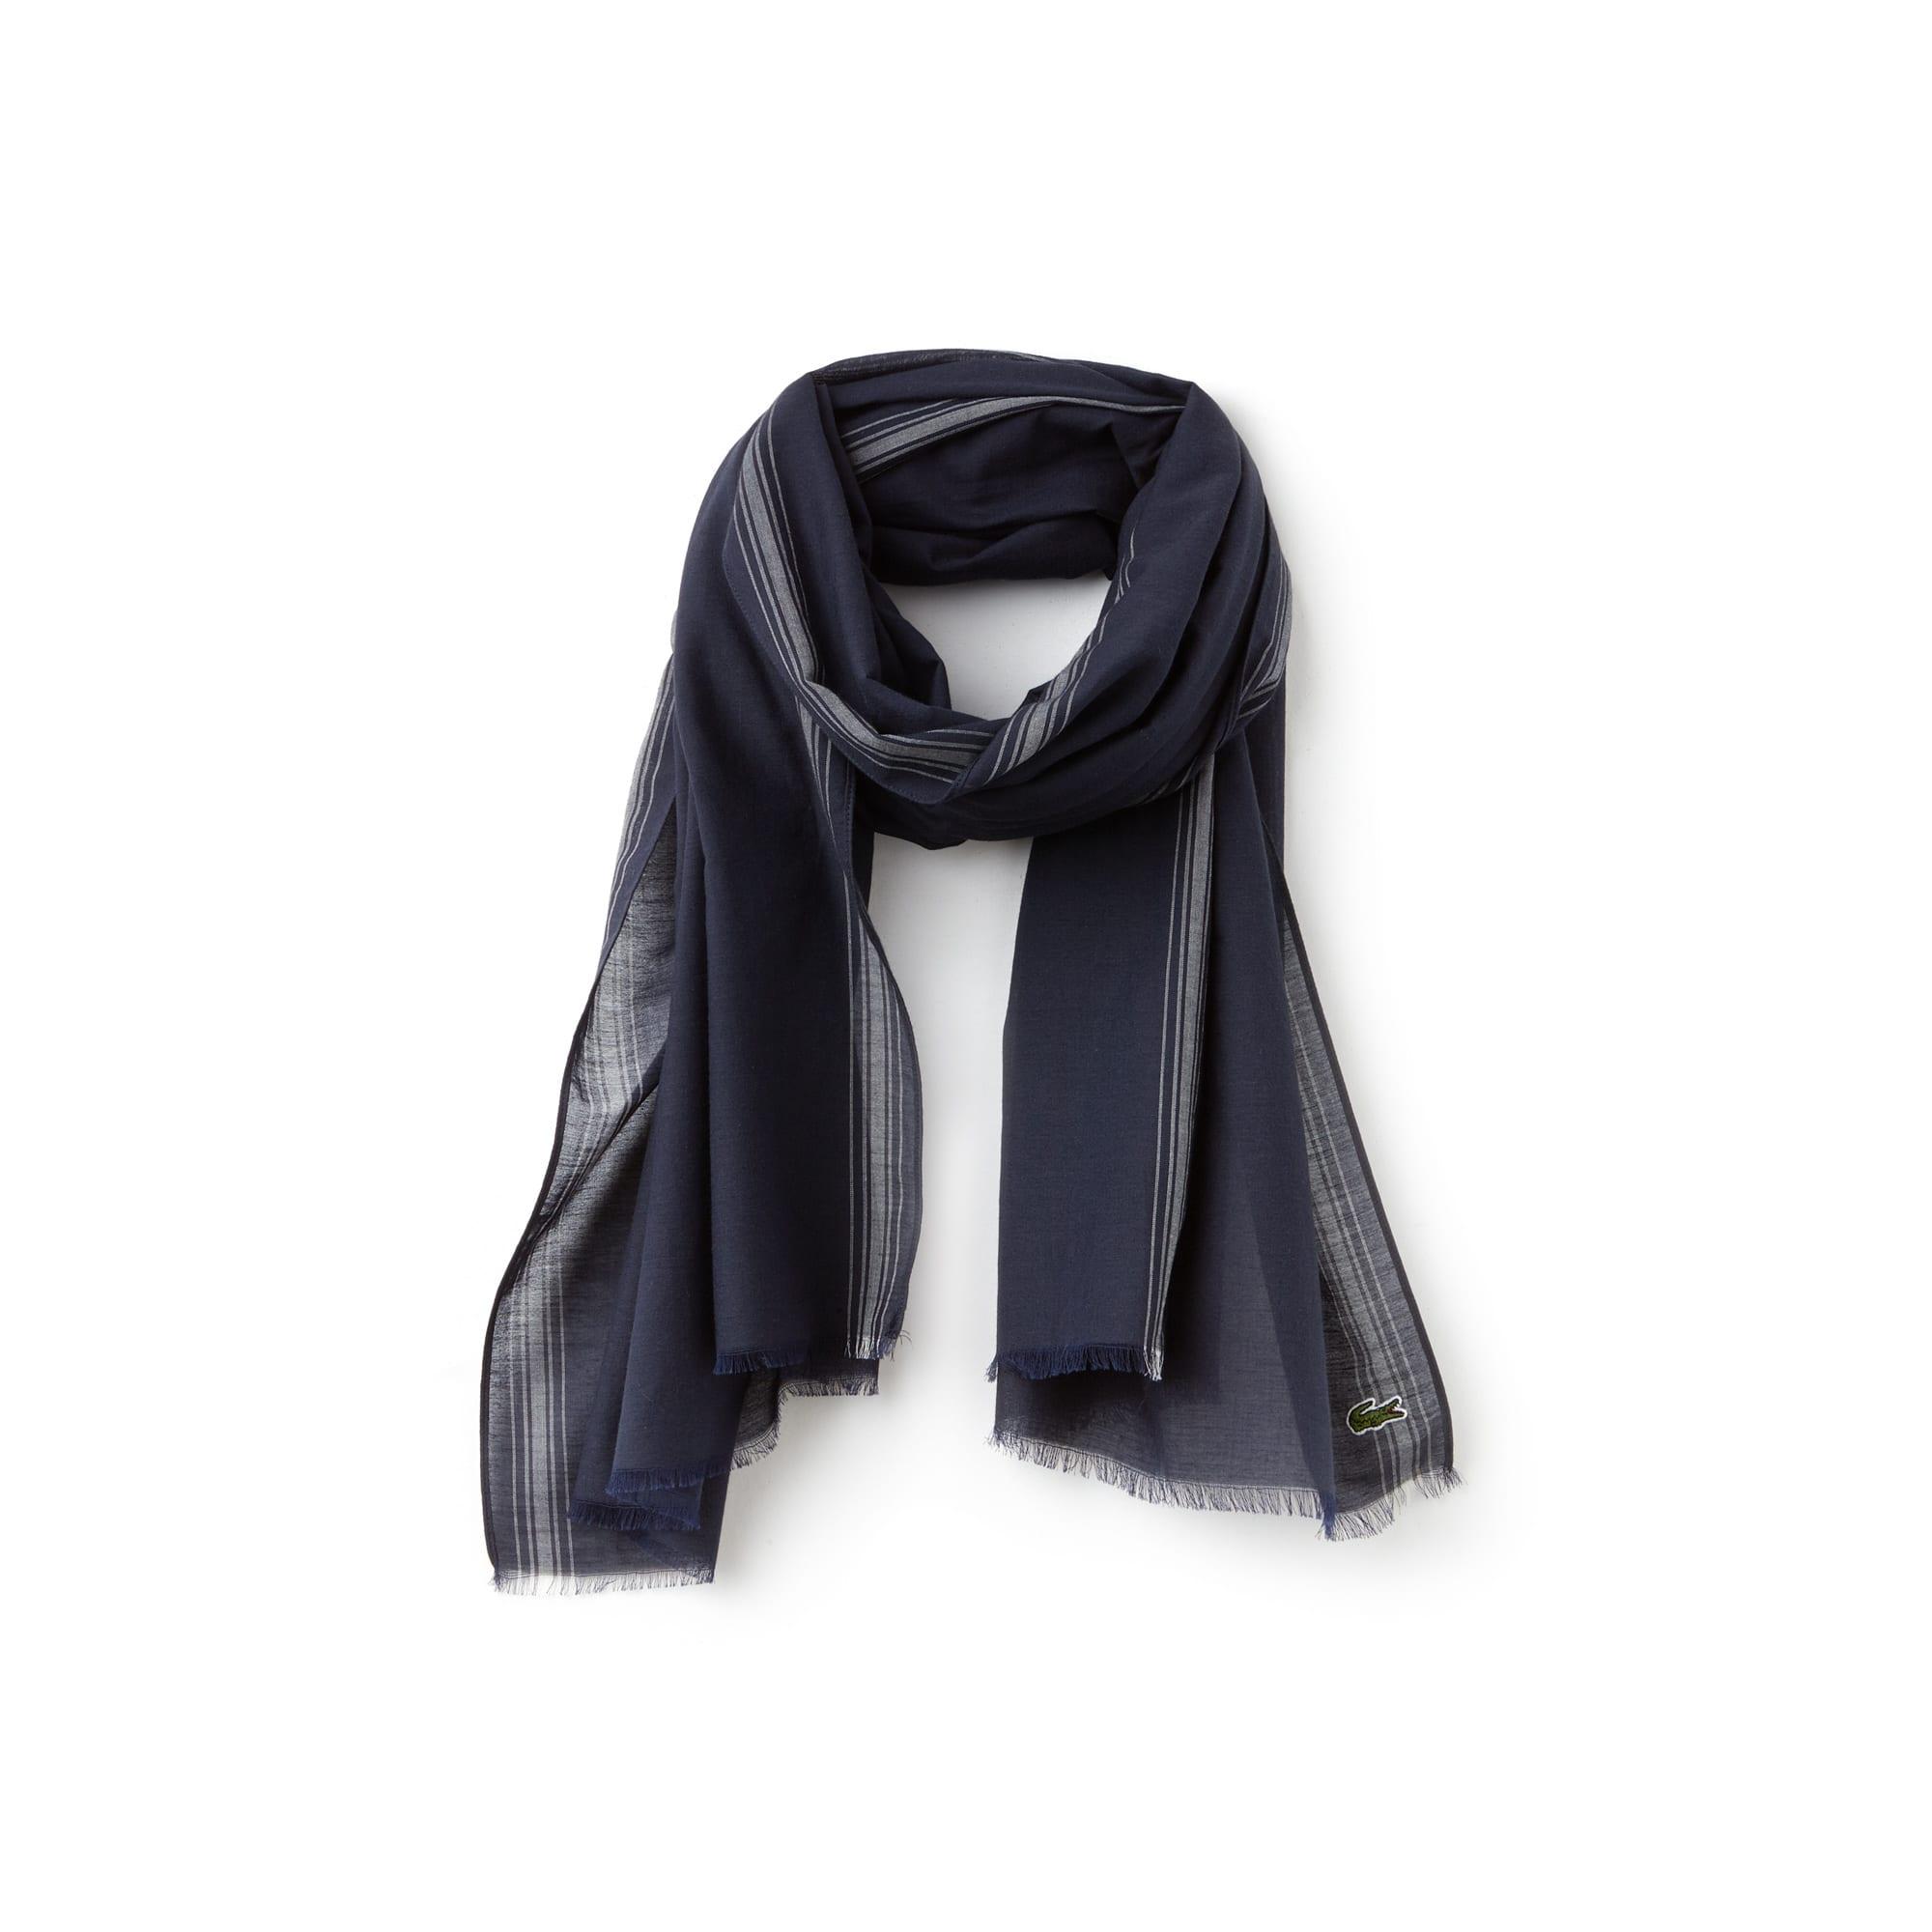 Herren-Schal aus Baumwoll-Voile mit Streifen